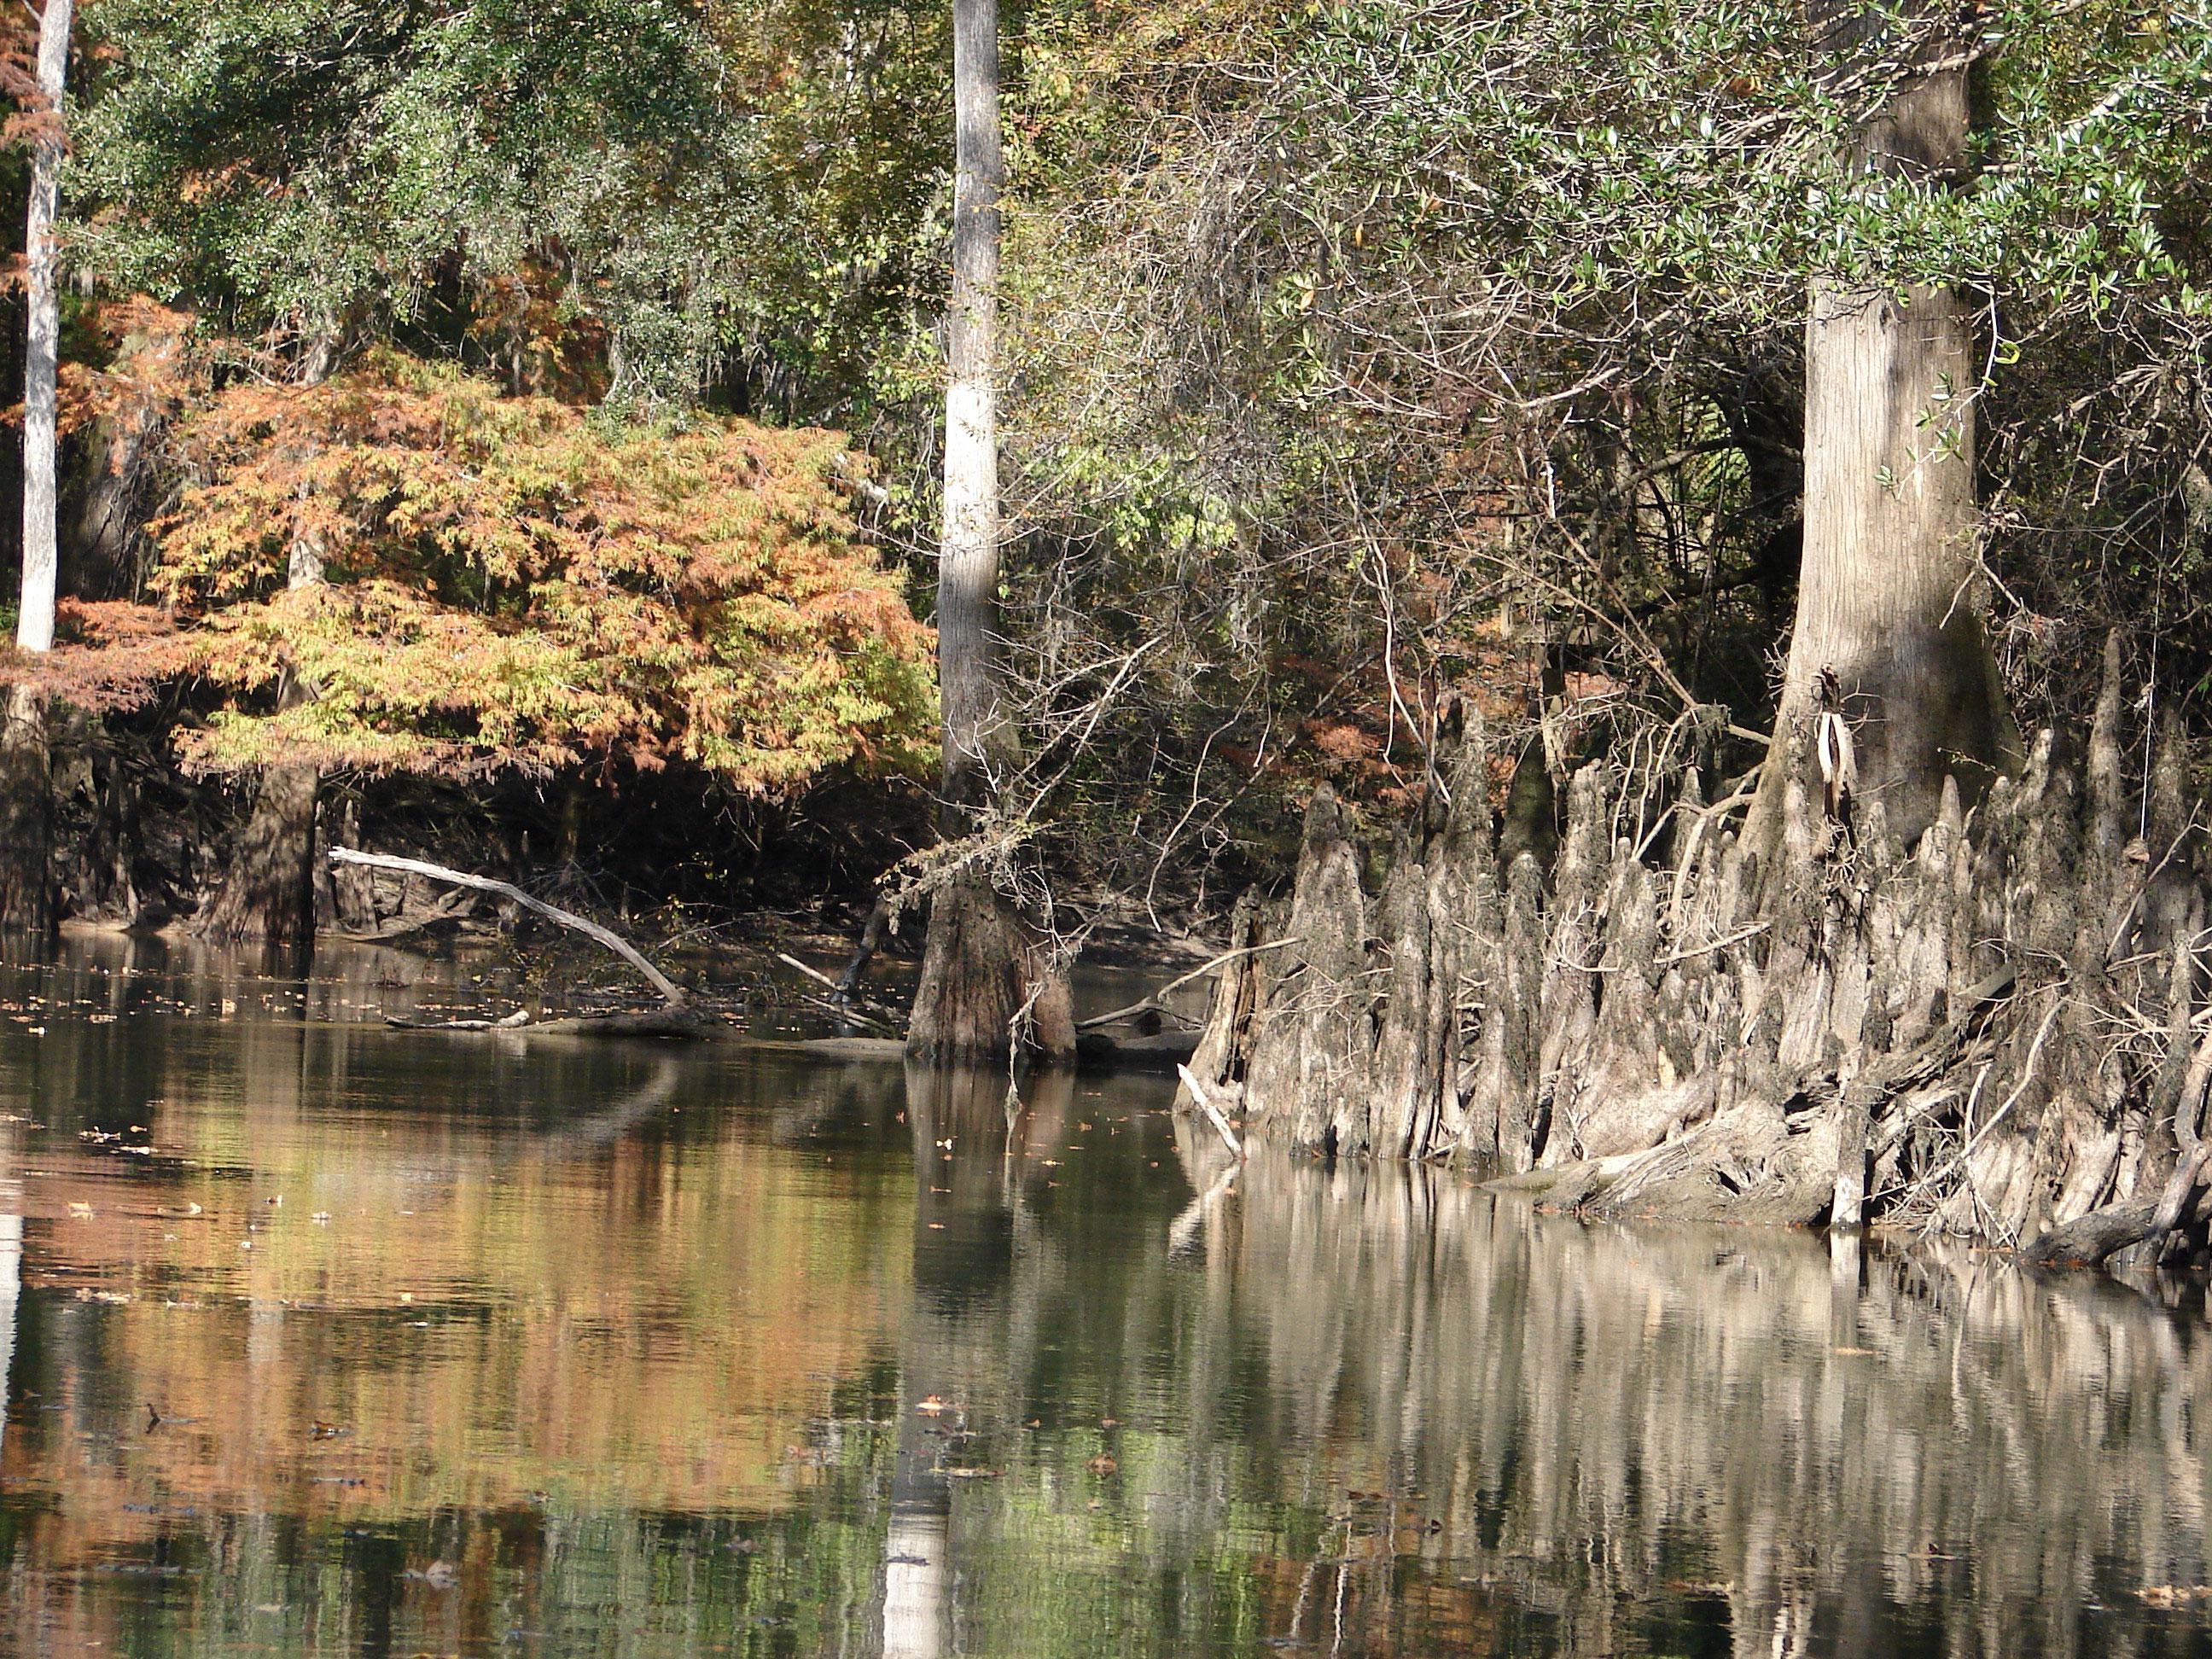 cypress-knees-stock-photos-florida-panhandle-chipola-river-linda-bateman